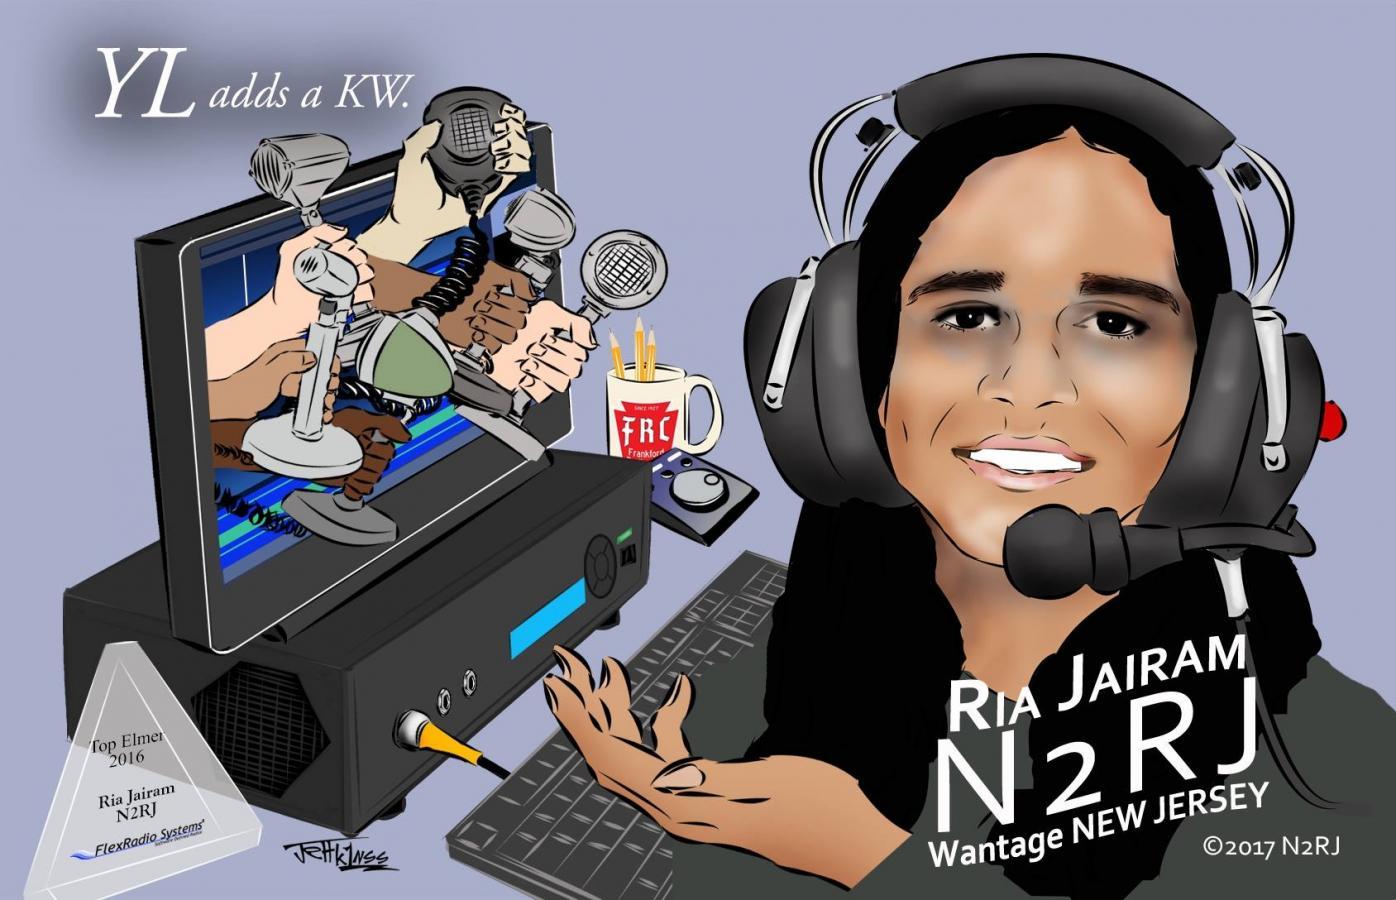 Ria N2RJ Cartoon K1NSS